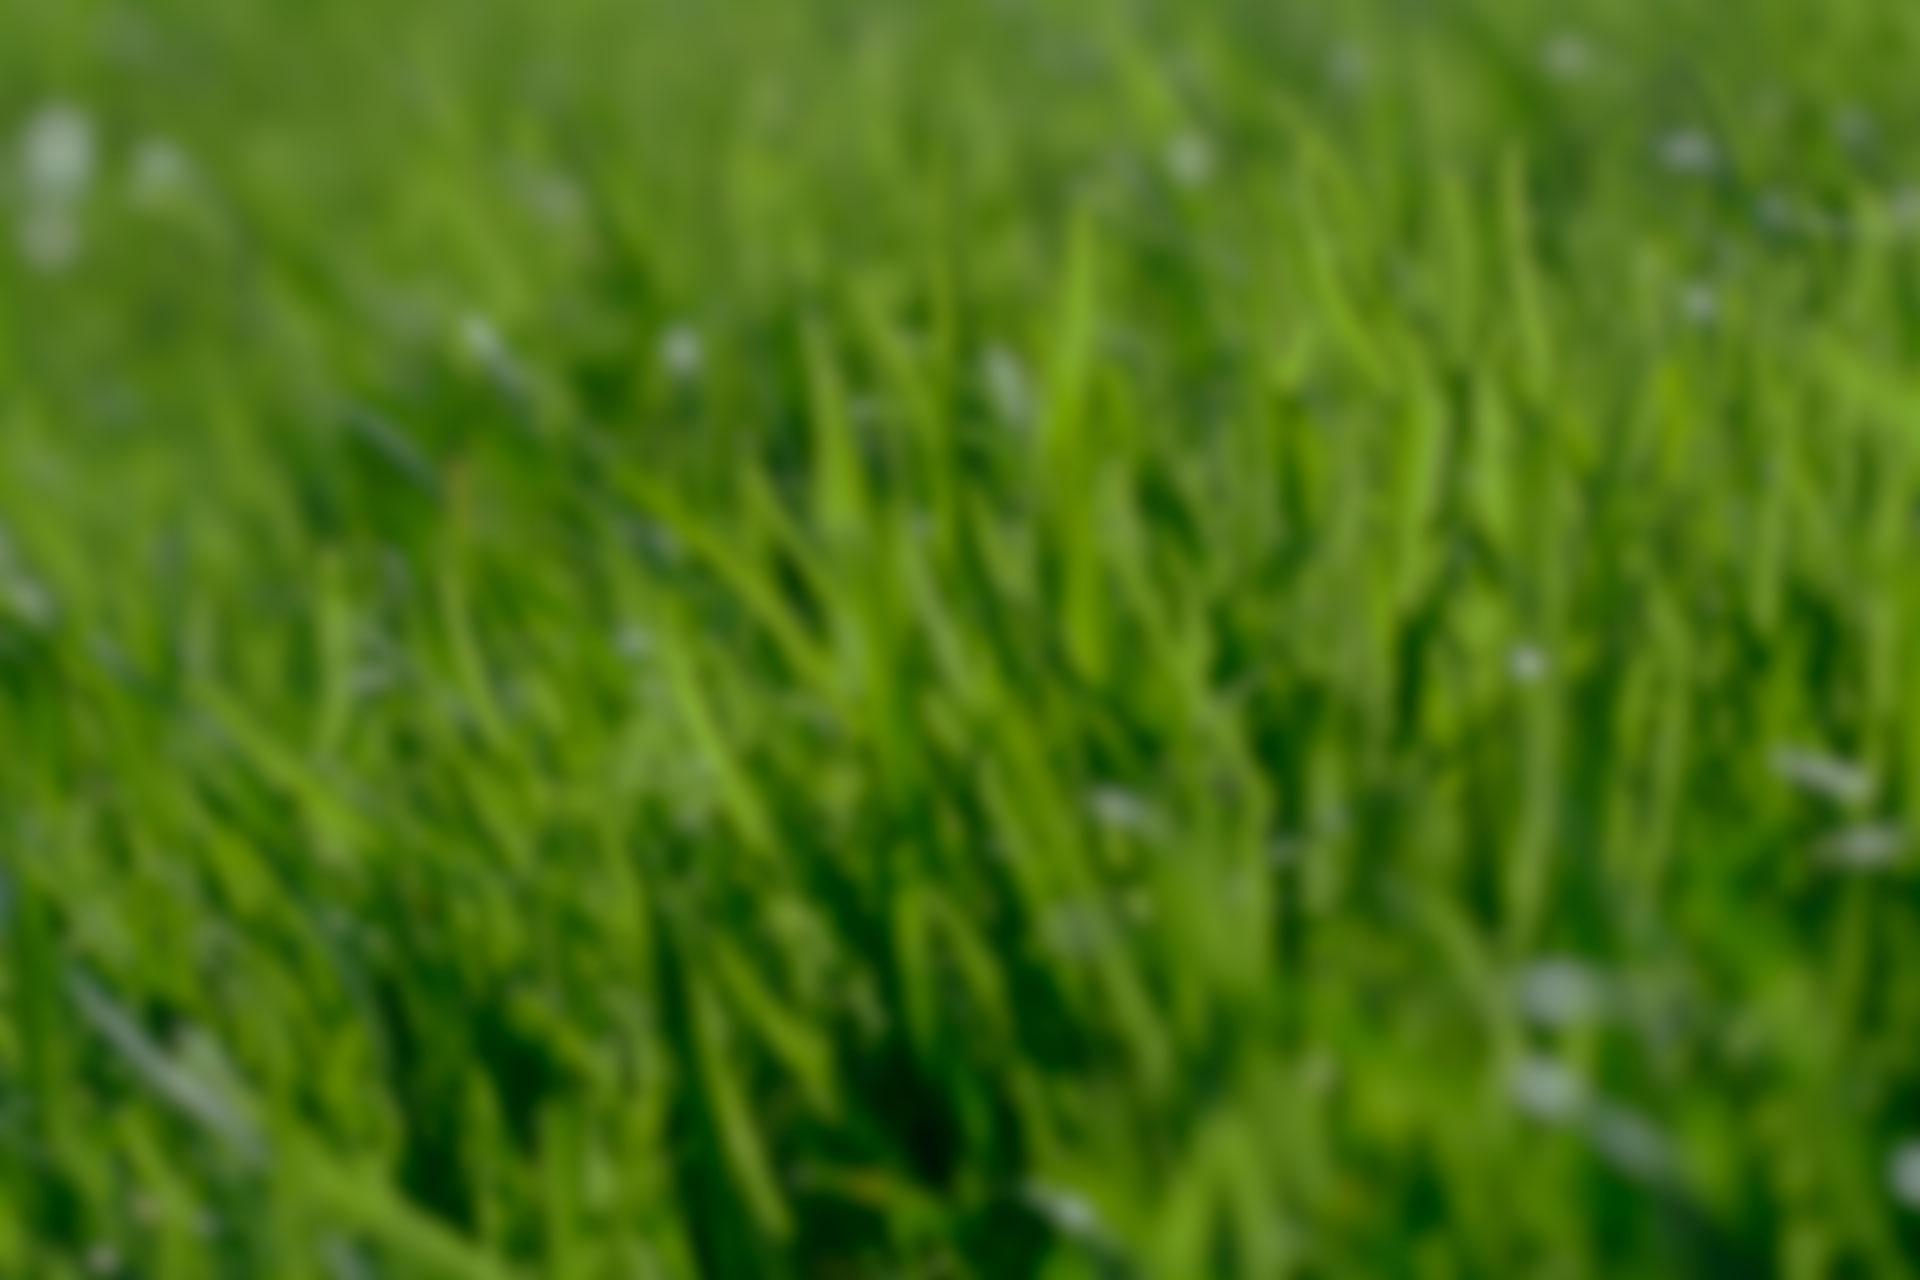 grass-6662841